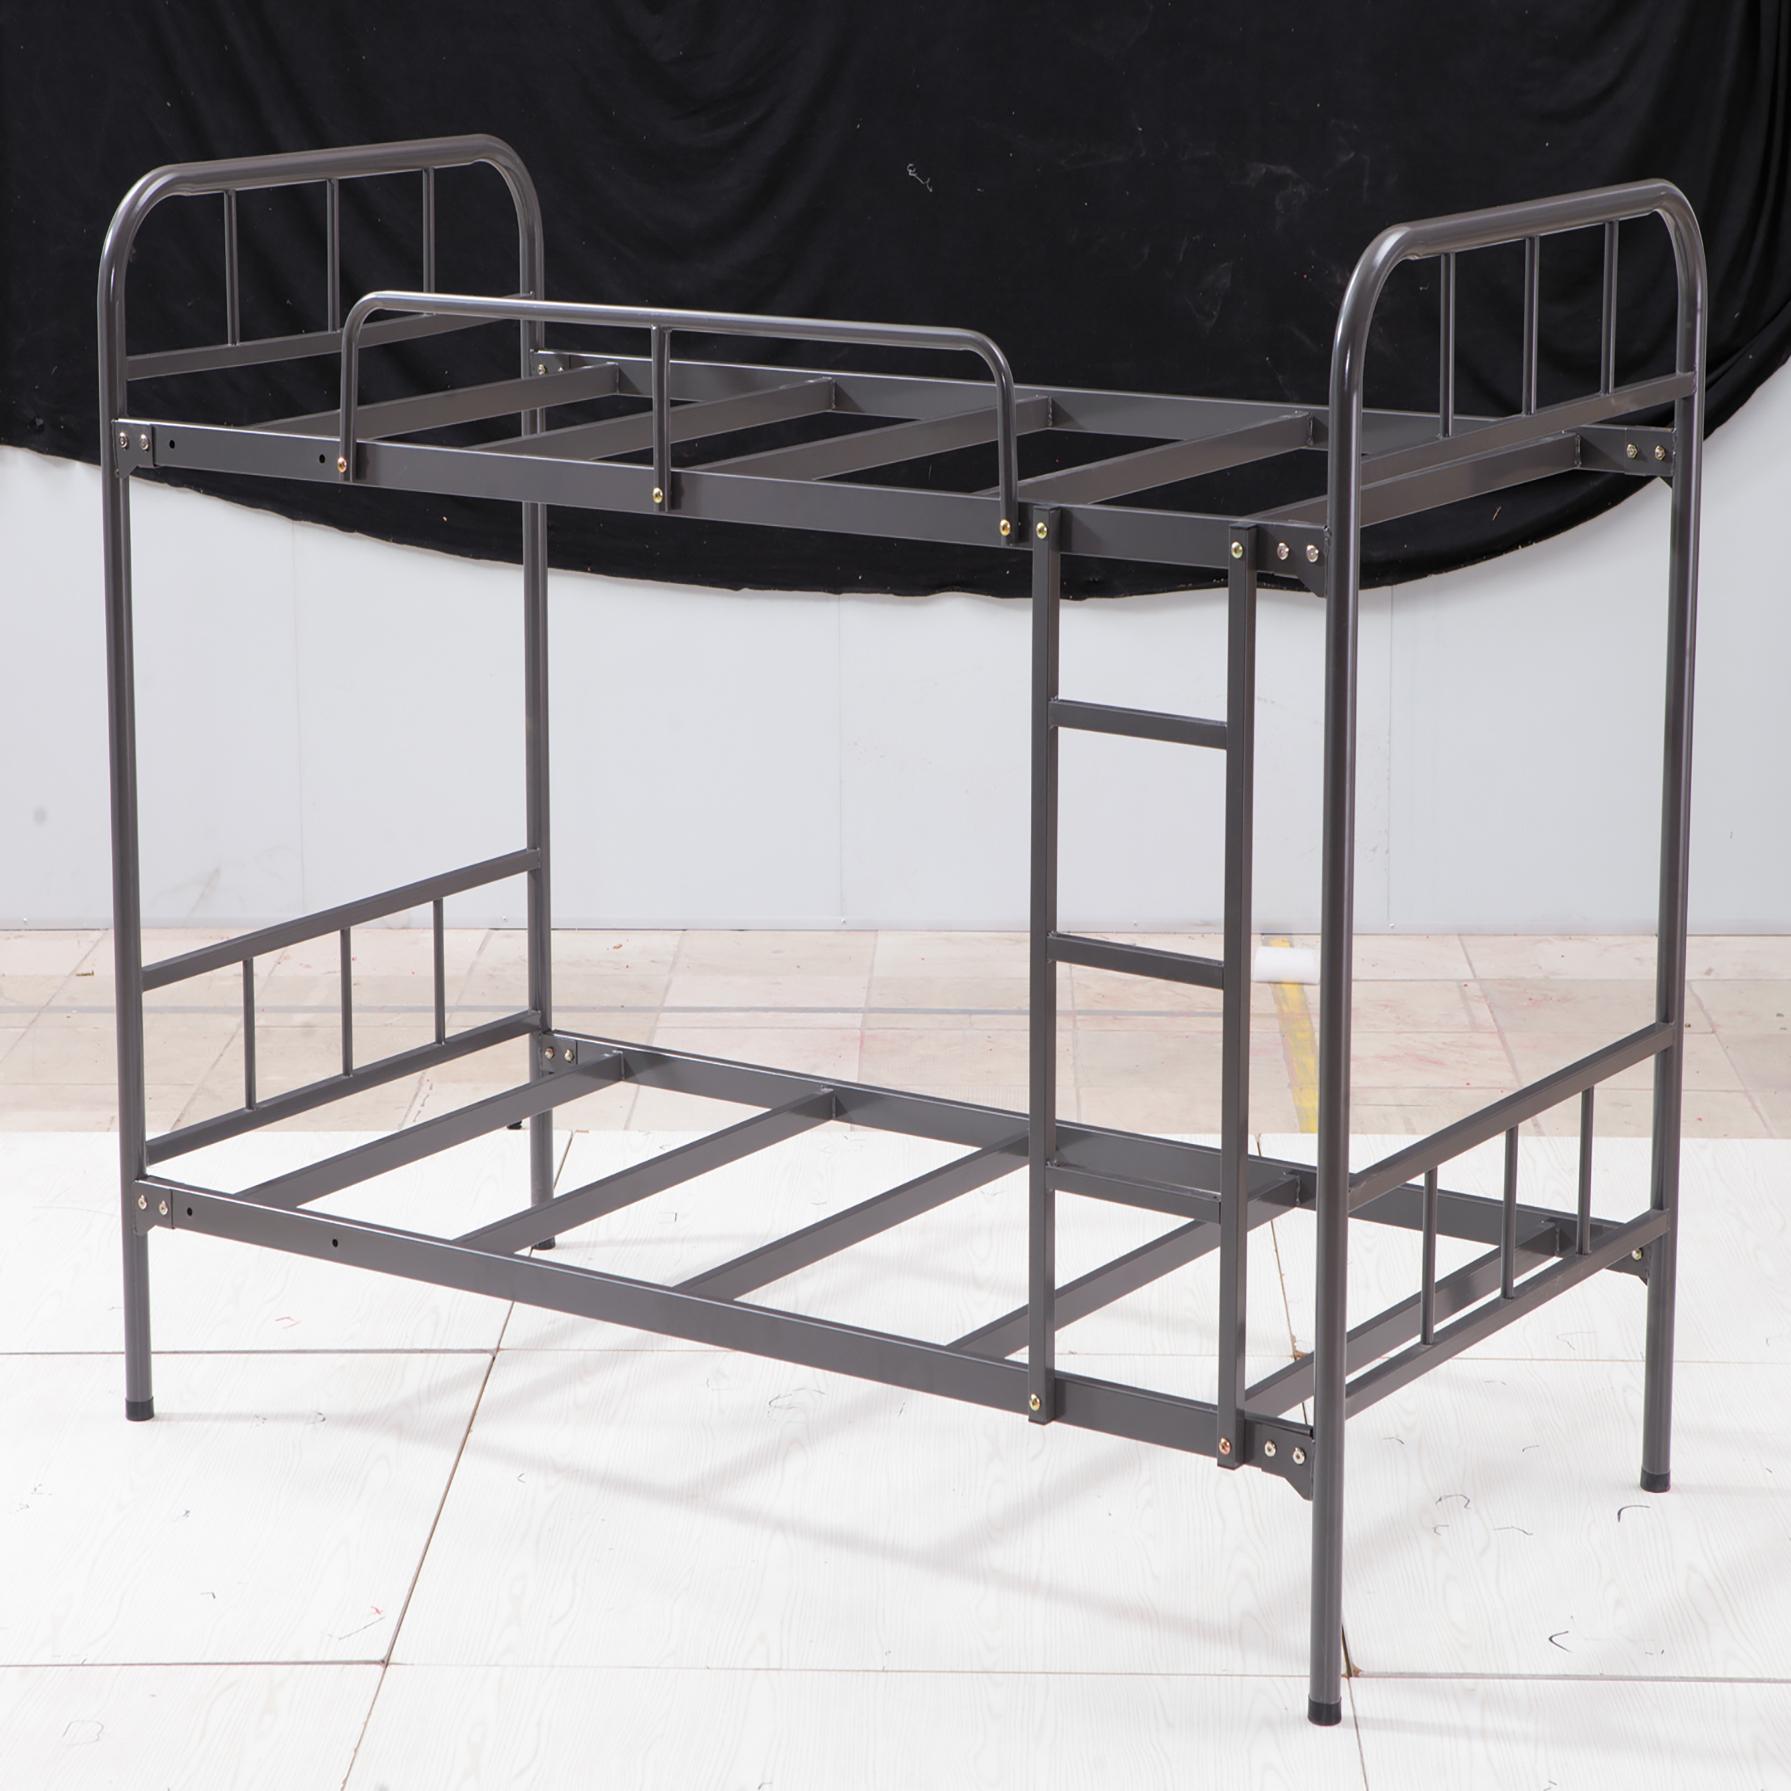 Современная гостиничная промышленная стальная кровать, армейский металл